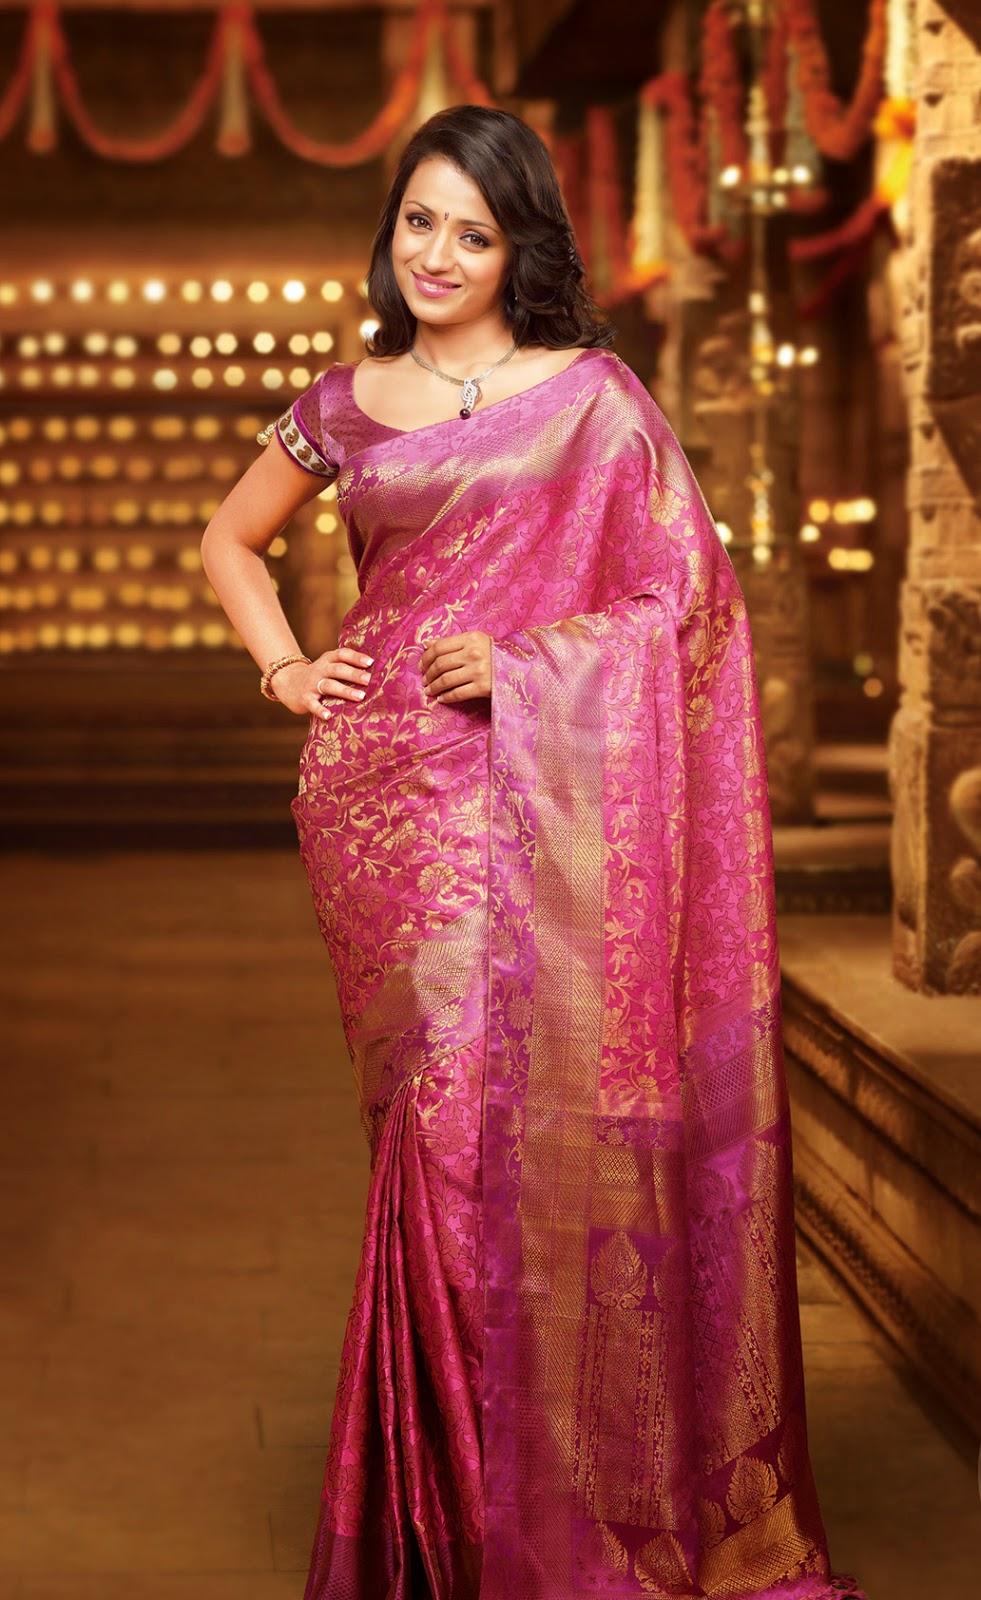 Trisha Glamorous Photos In Sareee  Latest Tamil Actress